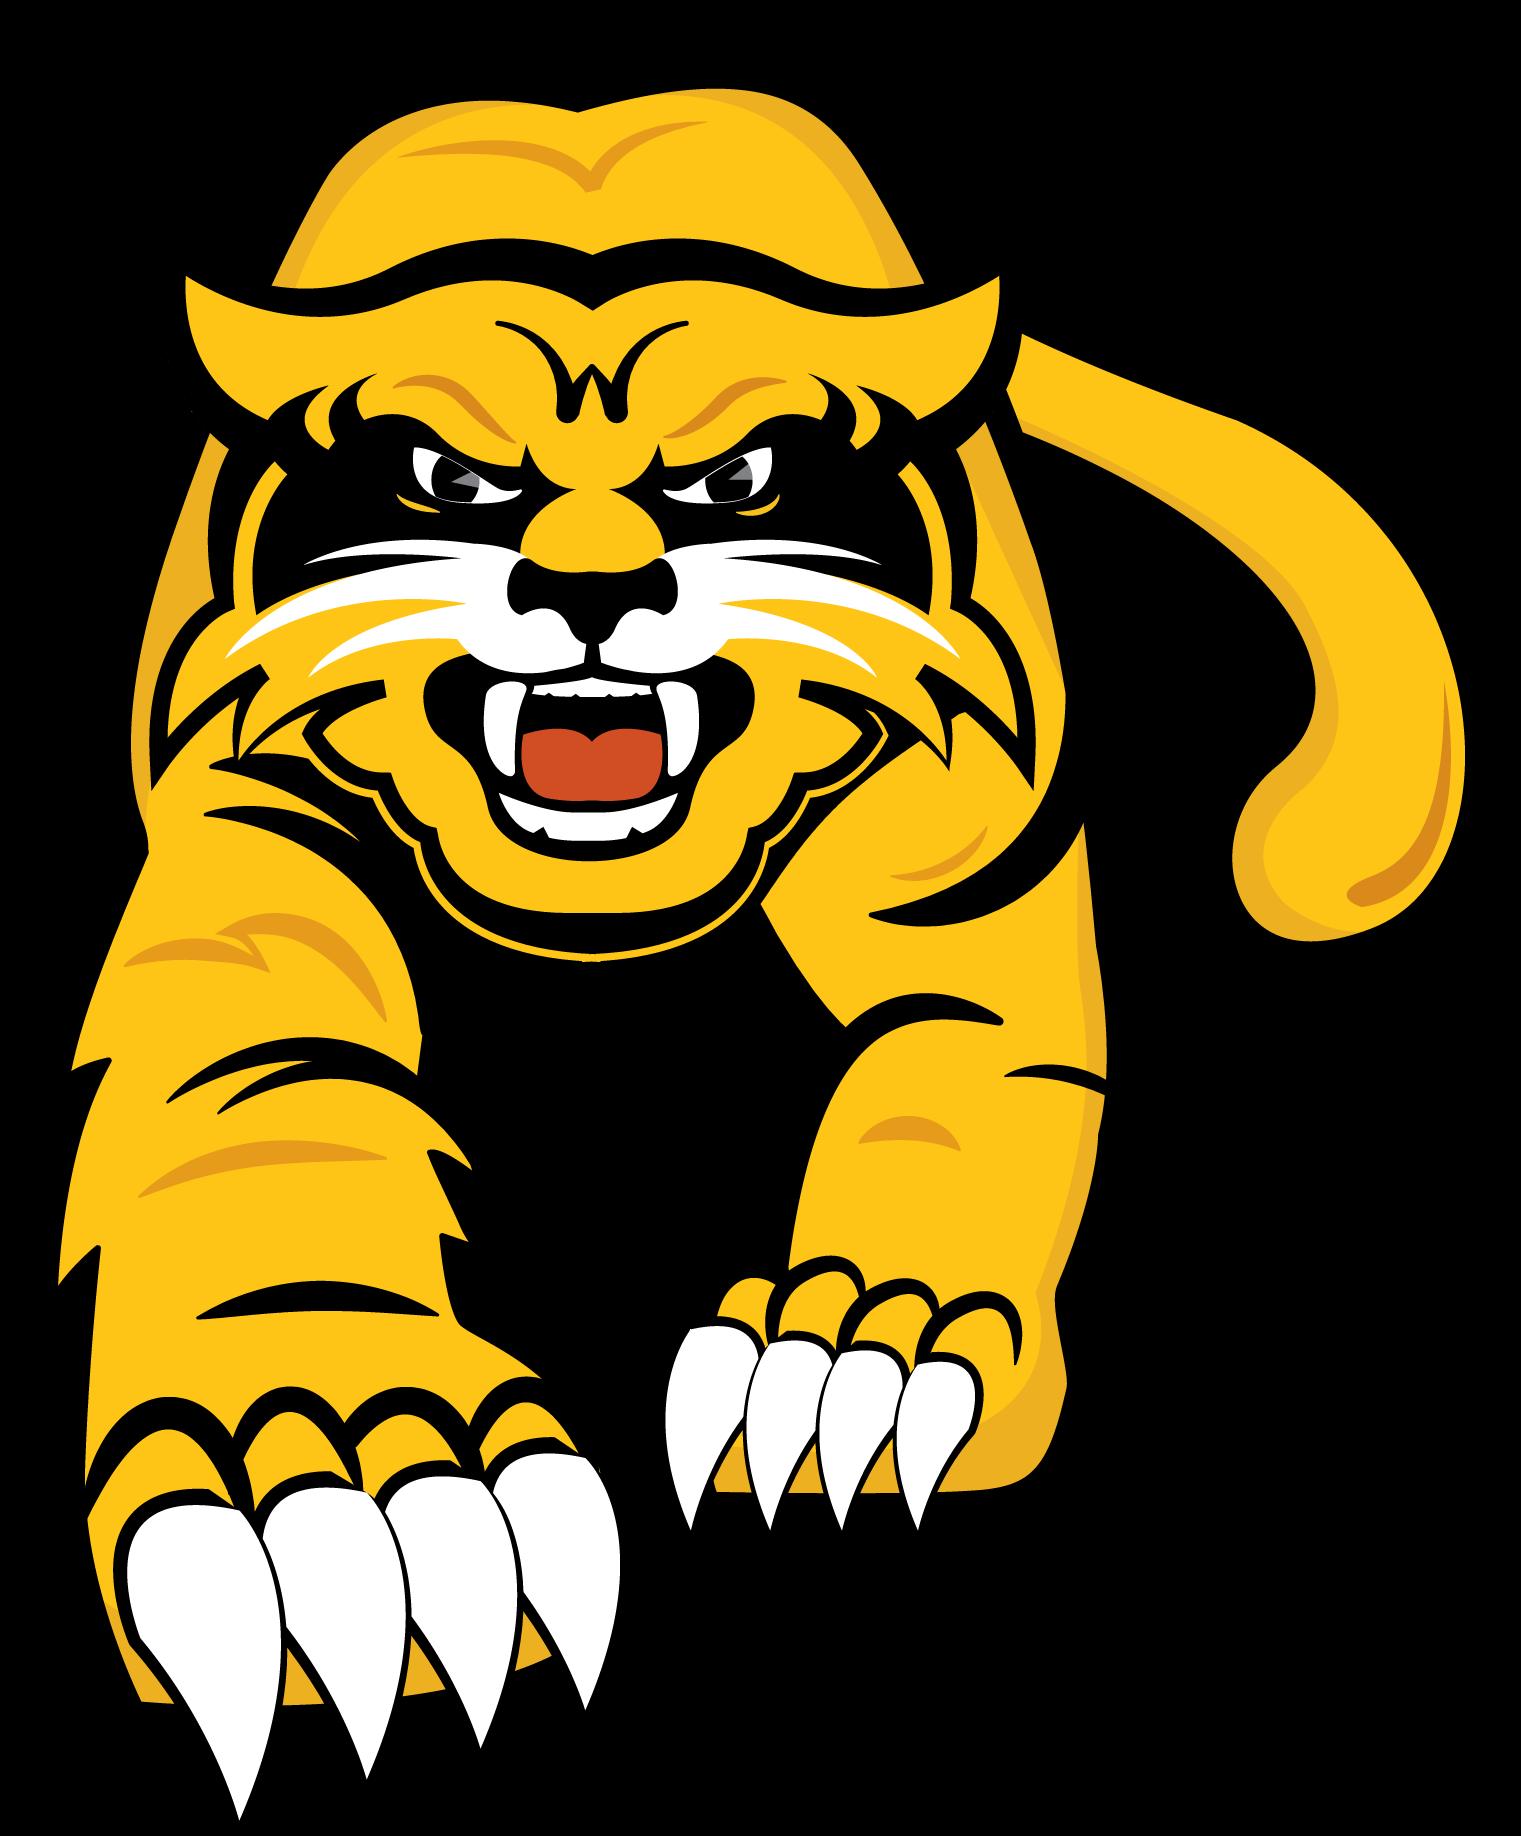 Wildcat clipart yellow. Free school logos now